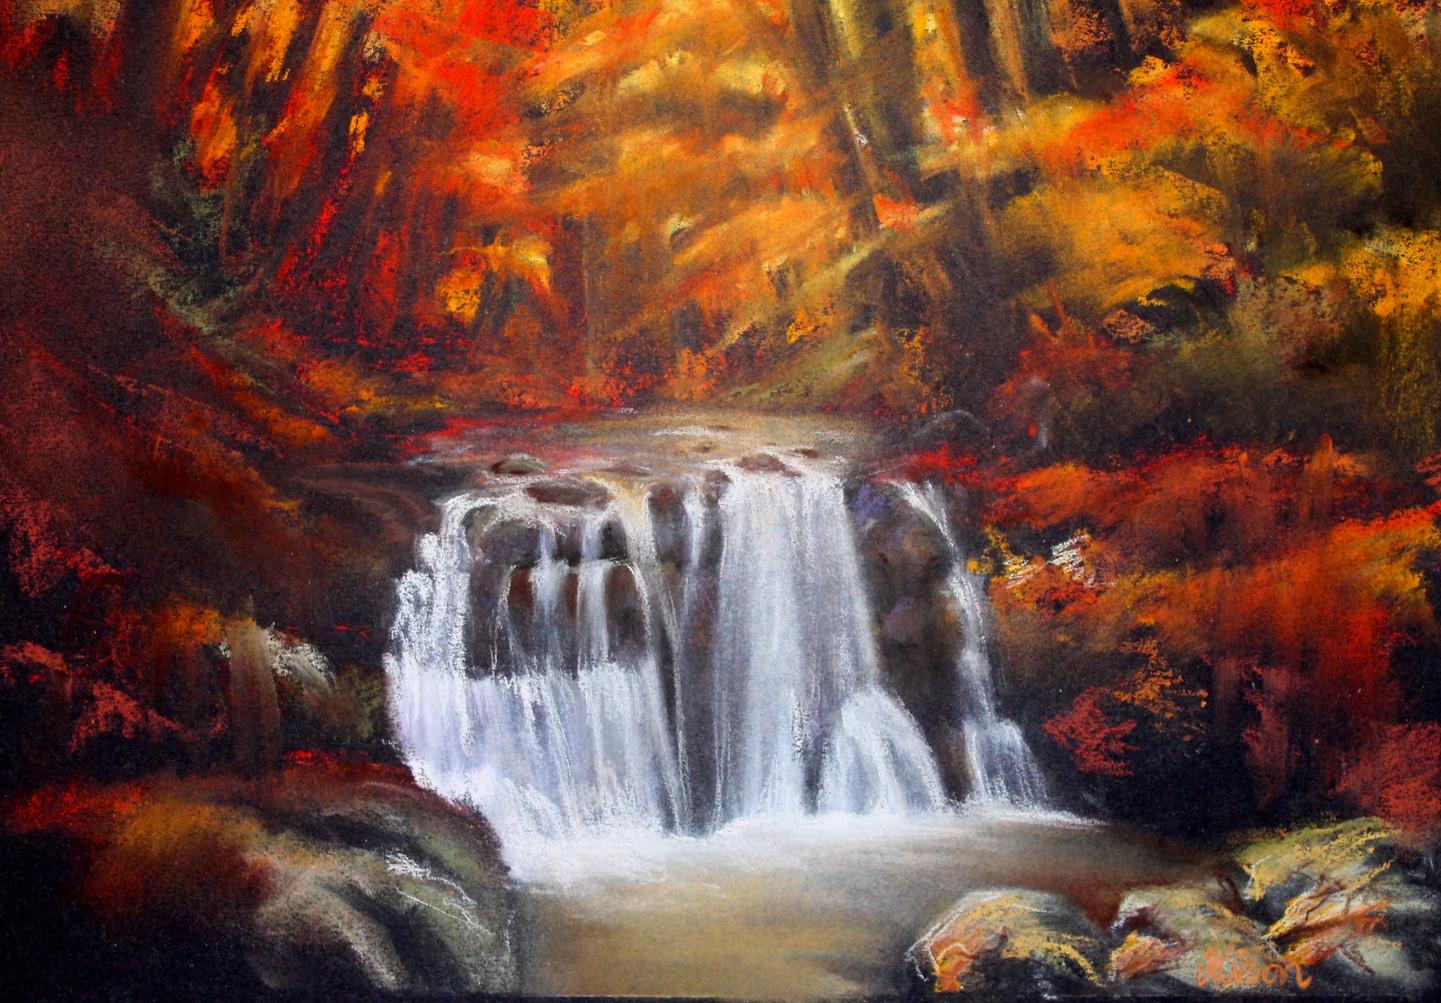 Autumn Waterfall, Pastel Study